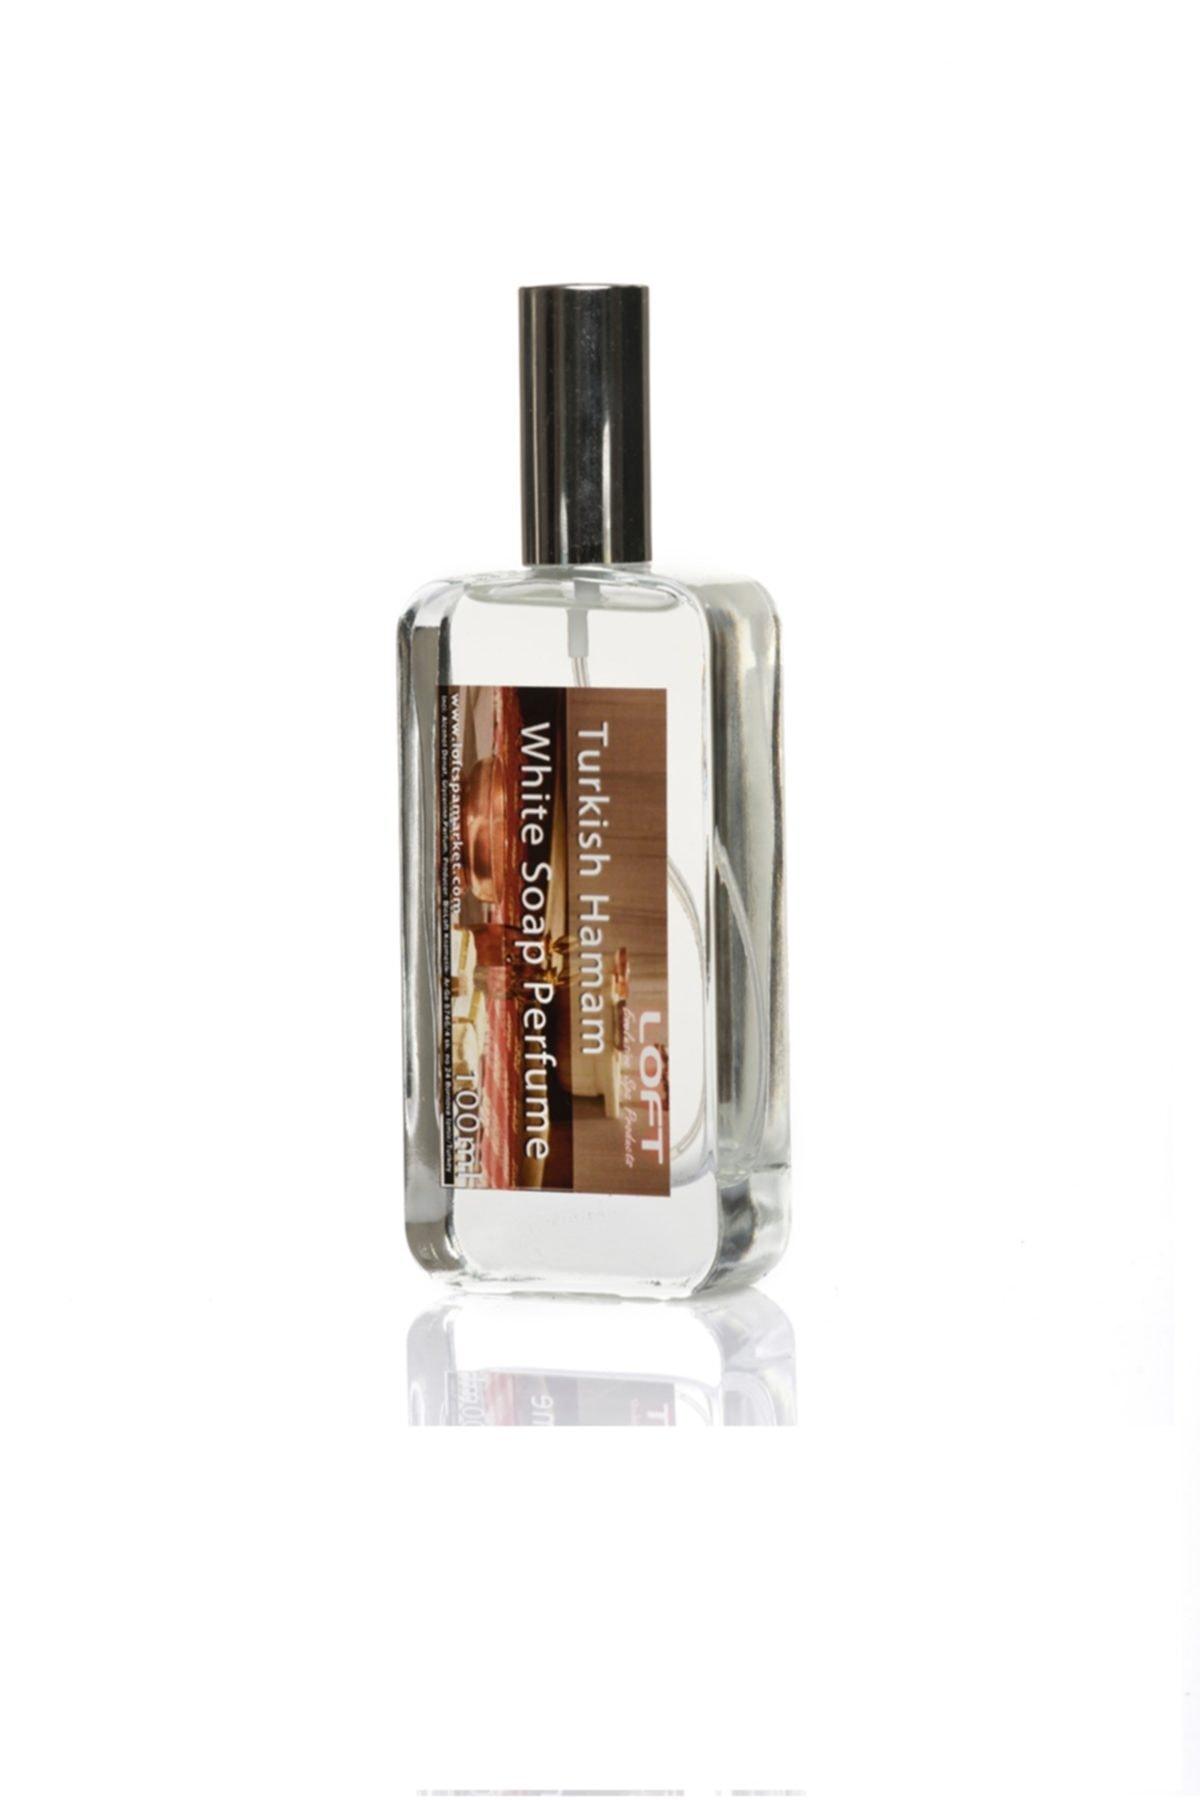 Loft Beyaz Sabun Kokulu Parfüm 100 Ml 1